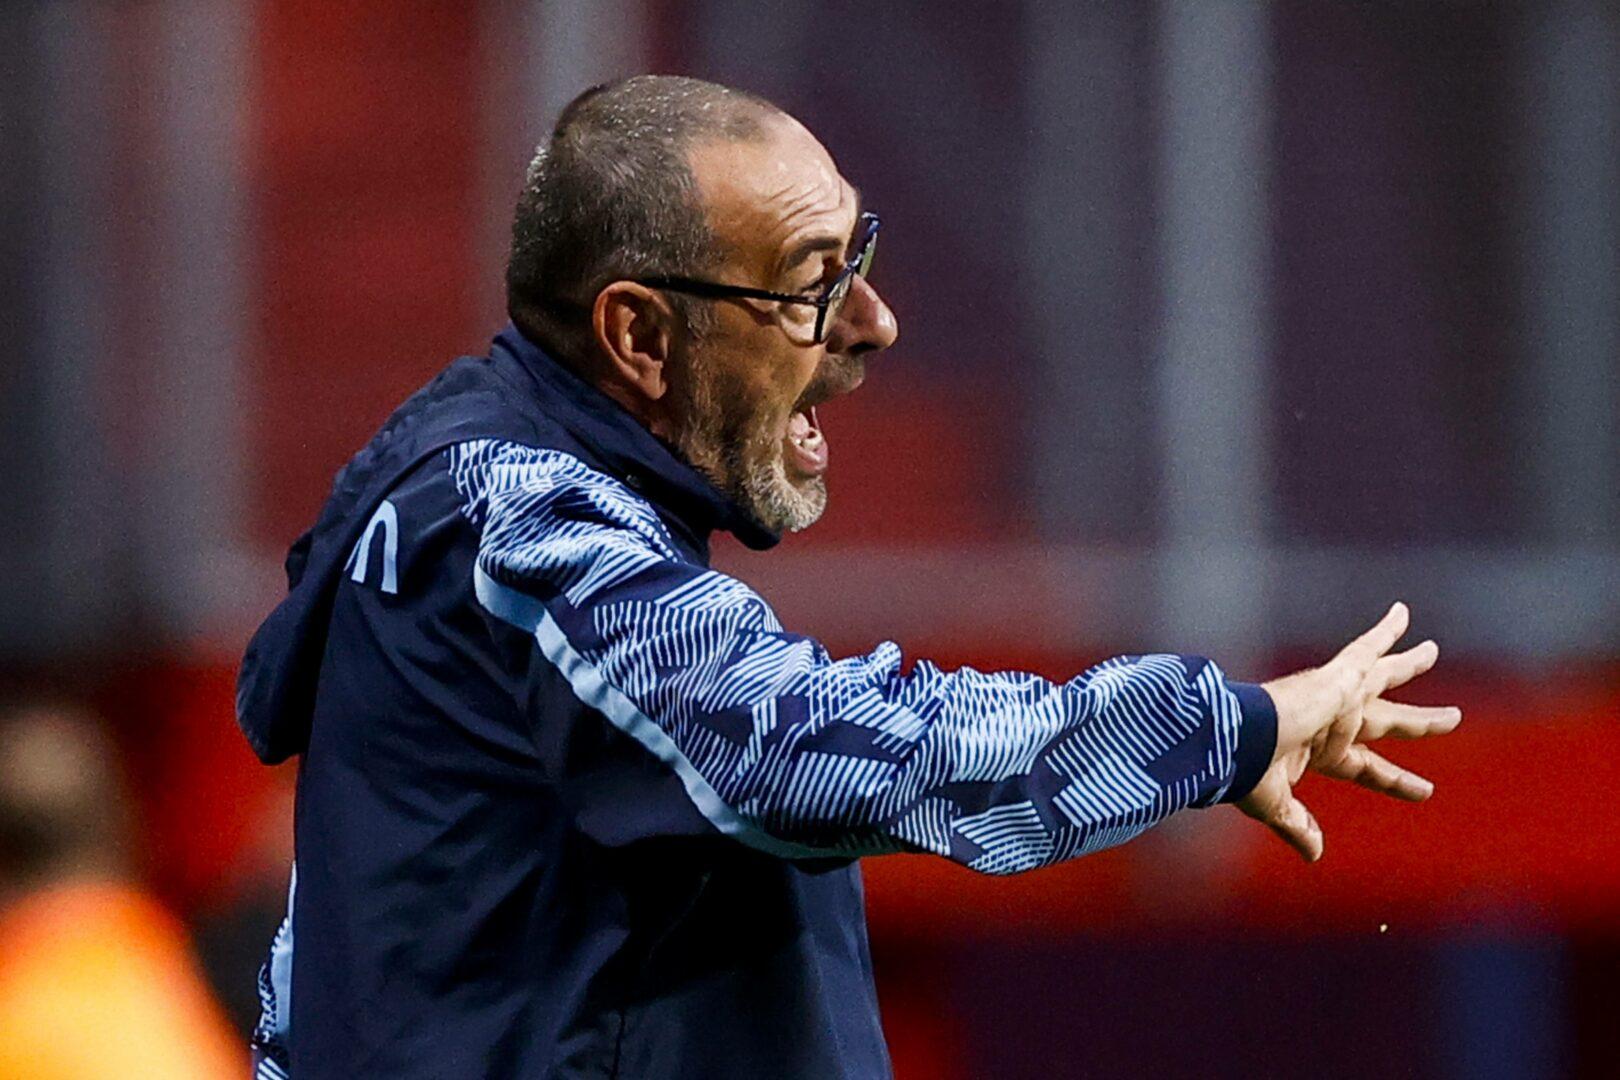 Serie-A-Vorschau Teil 2: Lazio, Cagliari, US Sassuolo, Hellas